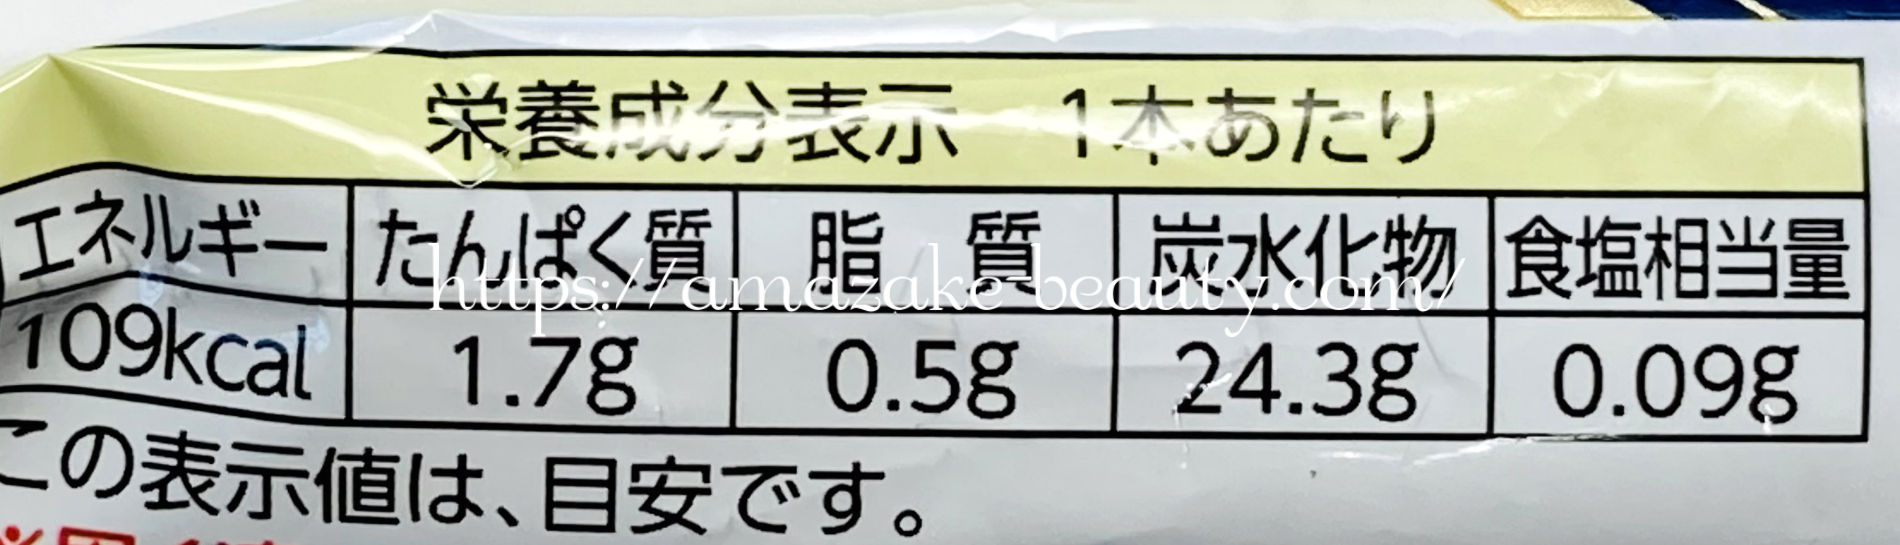 [amazake sweets]imuraya[amazake azukiba](nutrition information)